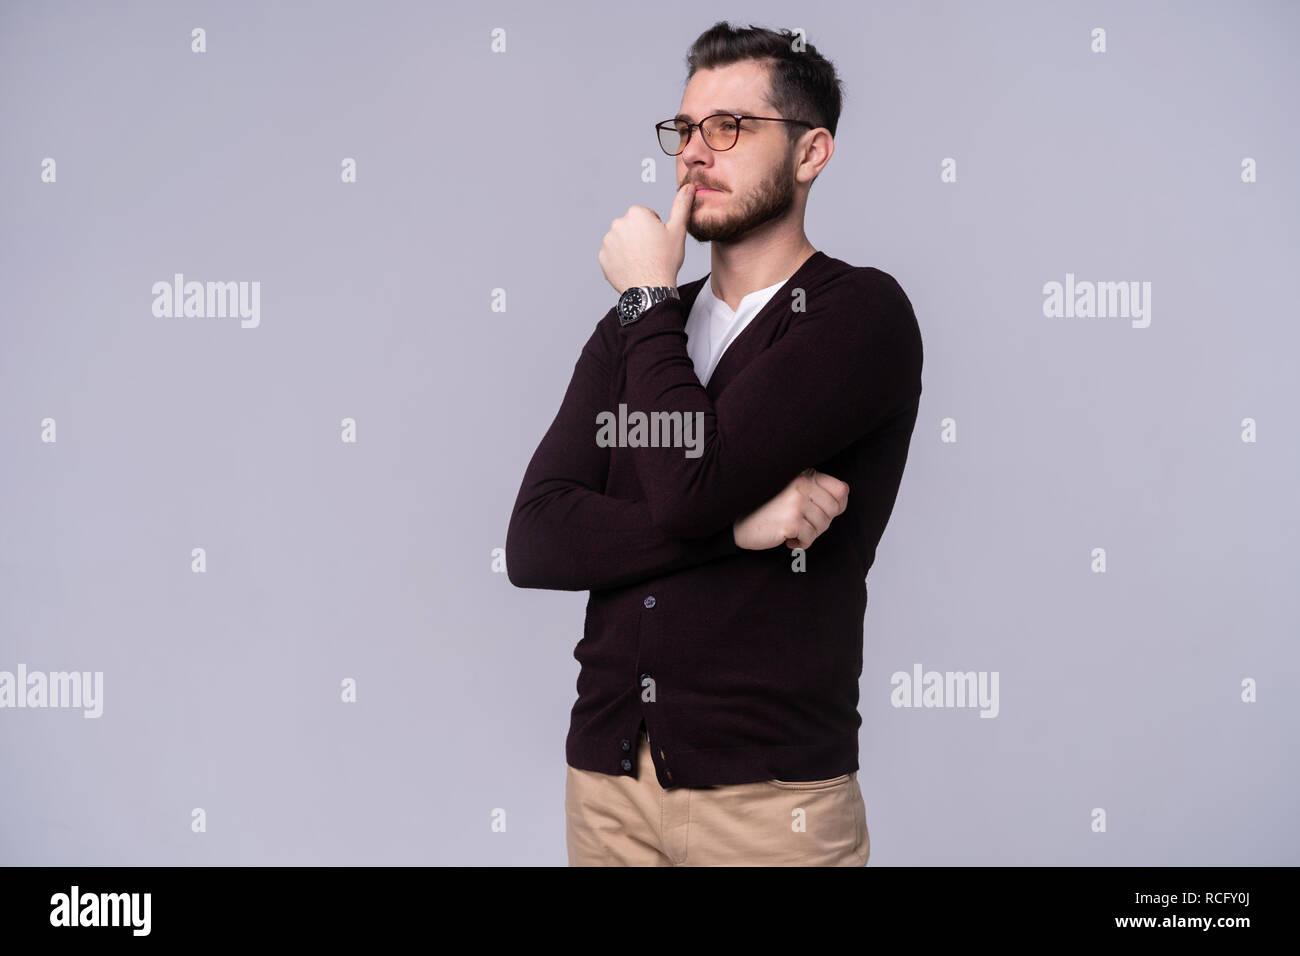 Joven apuesto hombre pensando sobre fondo gris. Imagen De Stock